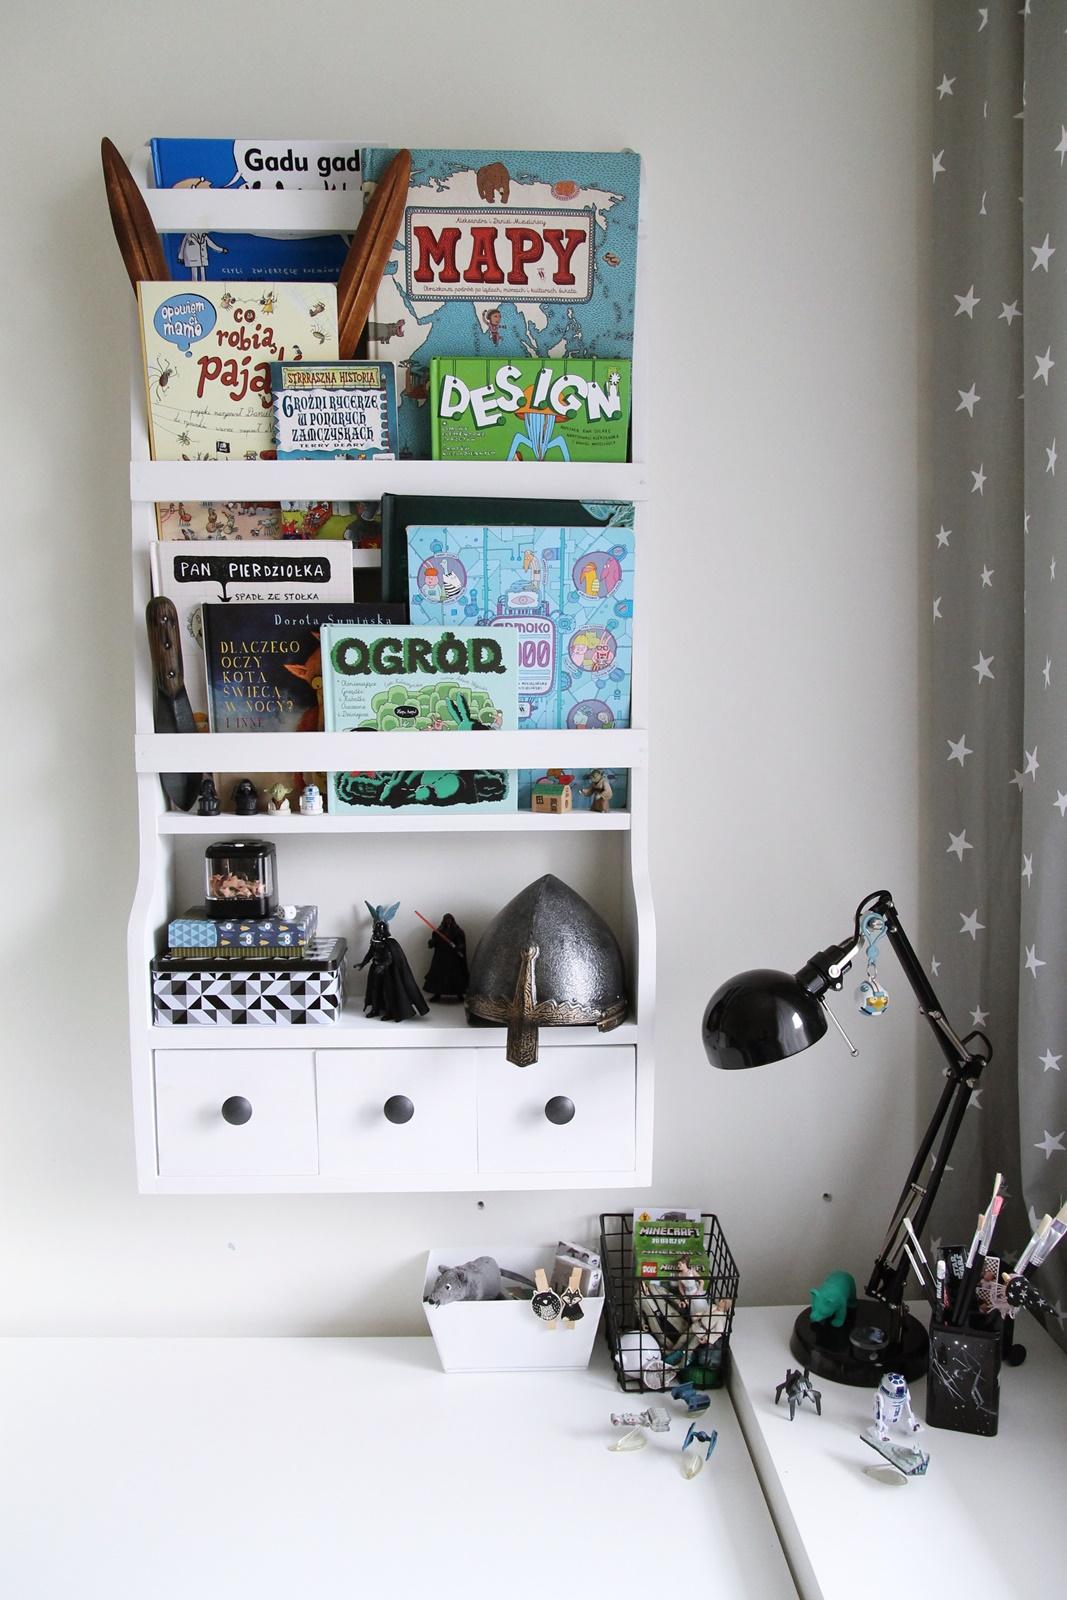 Skandibavian style shelf